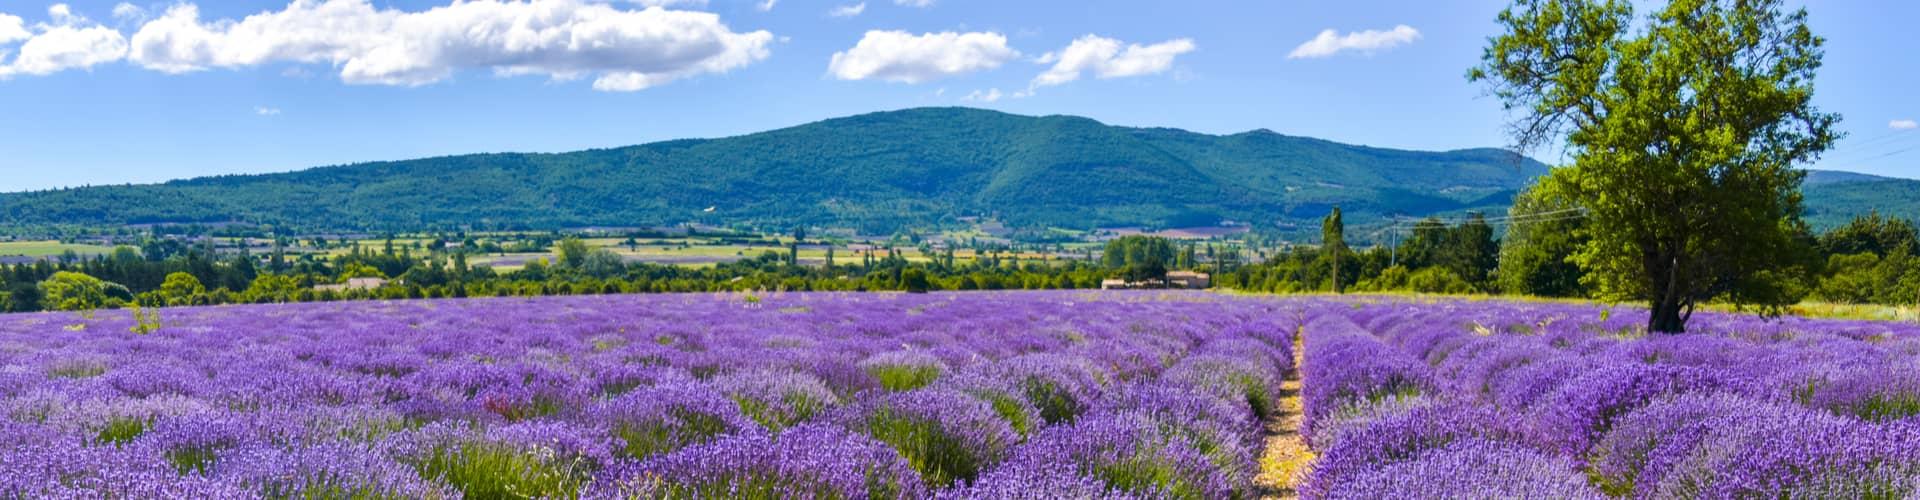 Kamperen in Provence-Alpes-Côte d'Azur